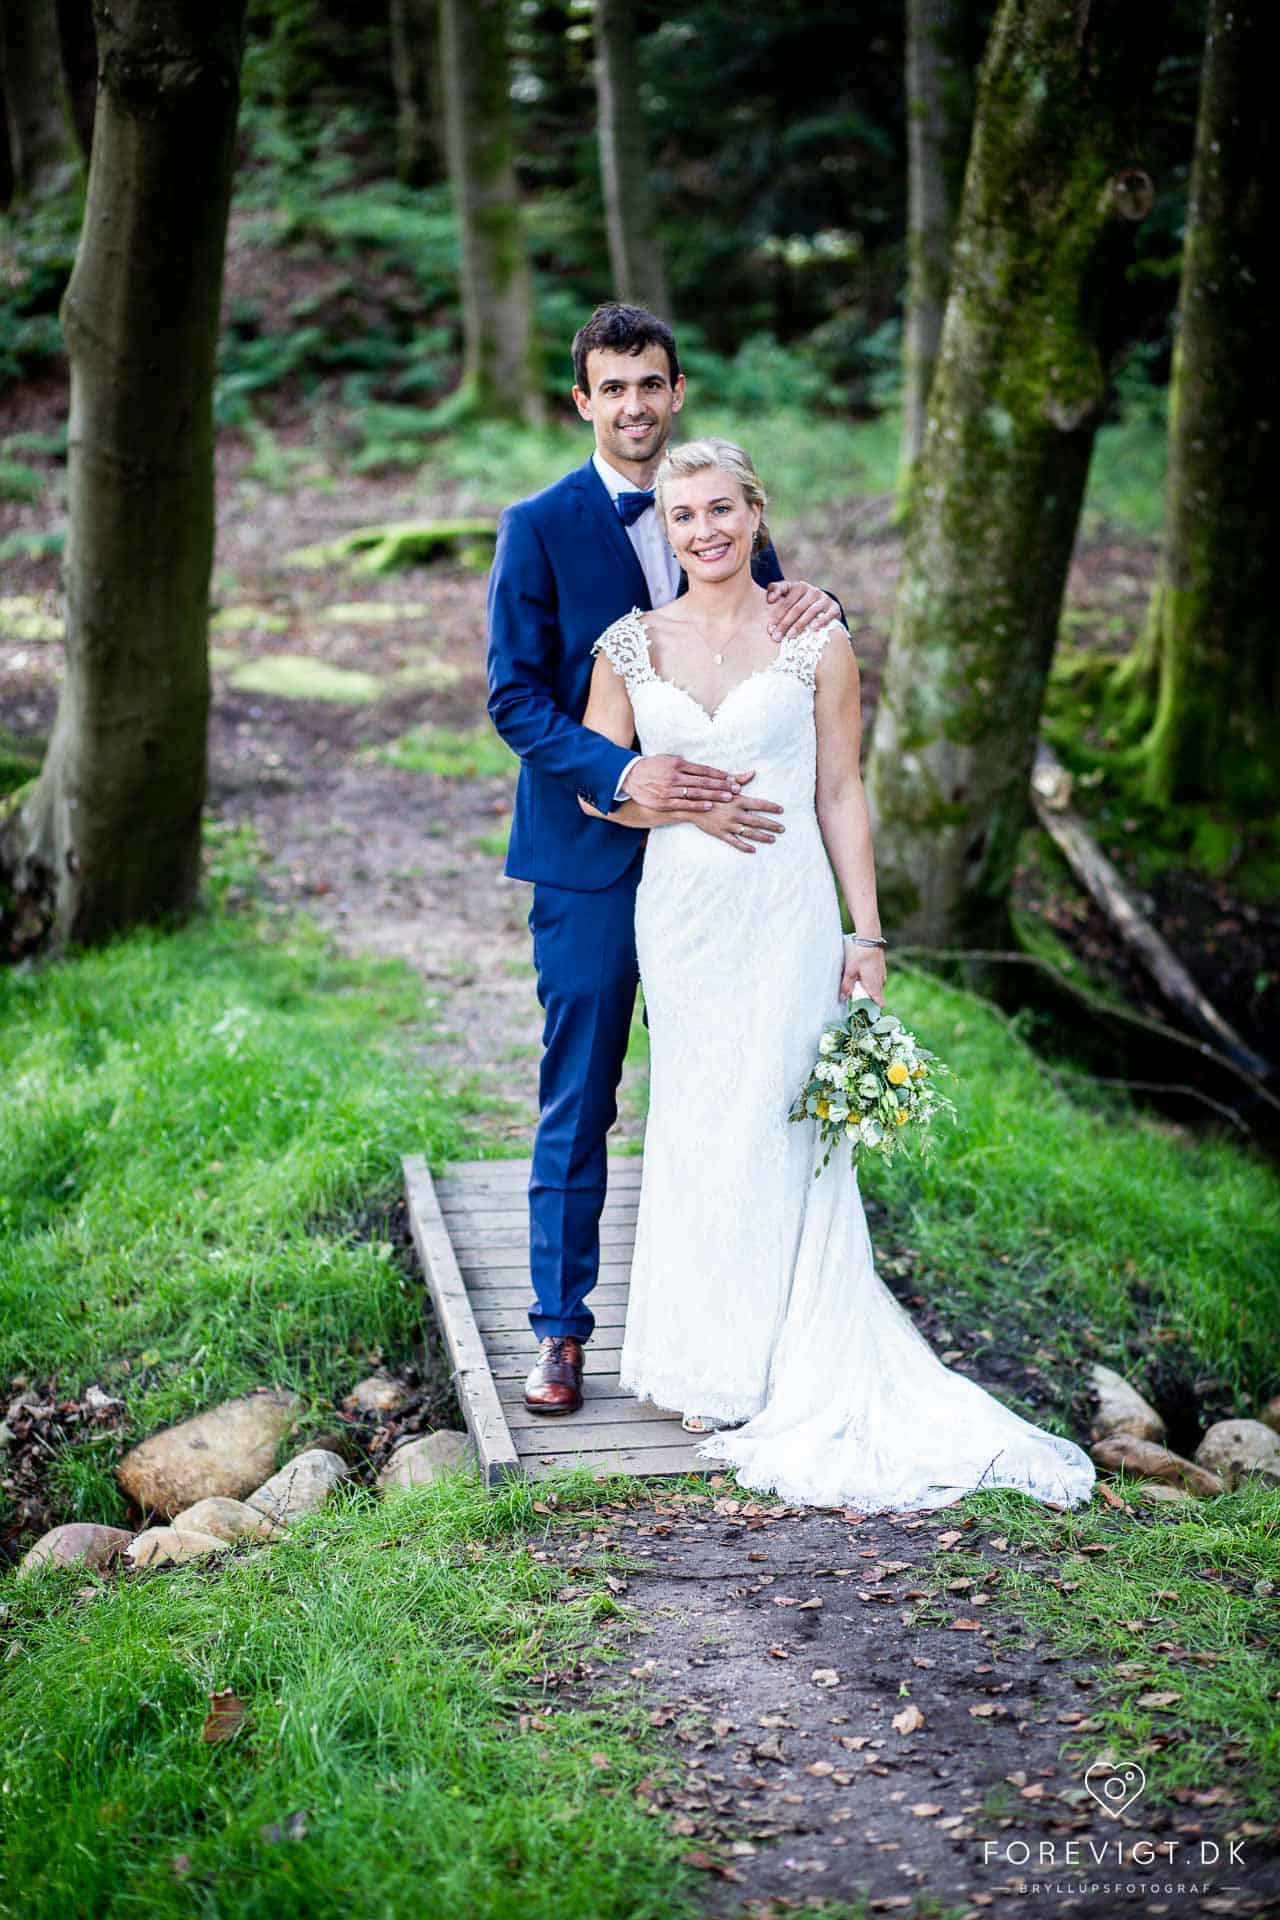 Find fotografen her – lær billedstilen | Bryllupsbilleder